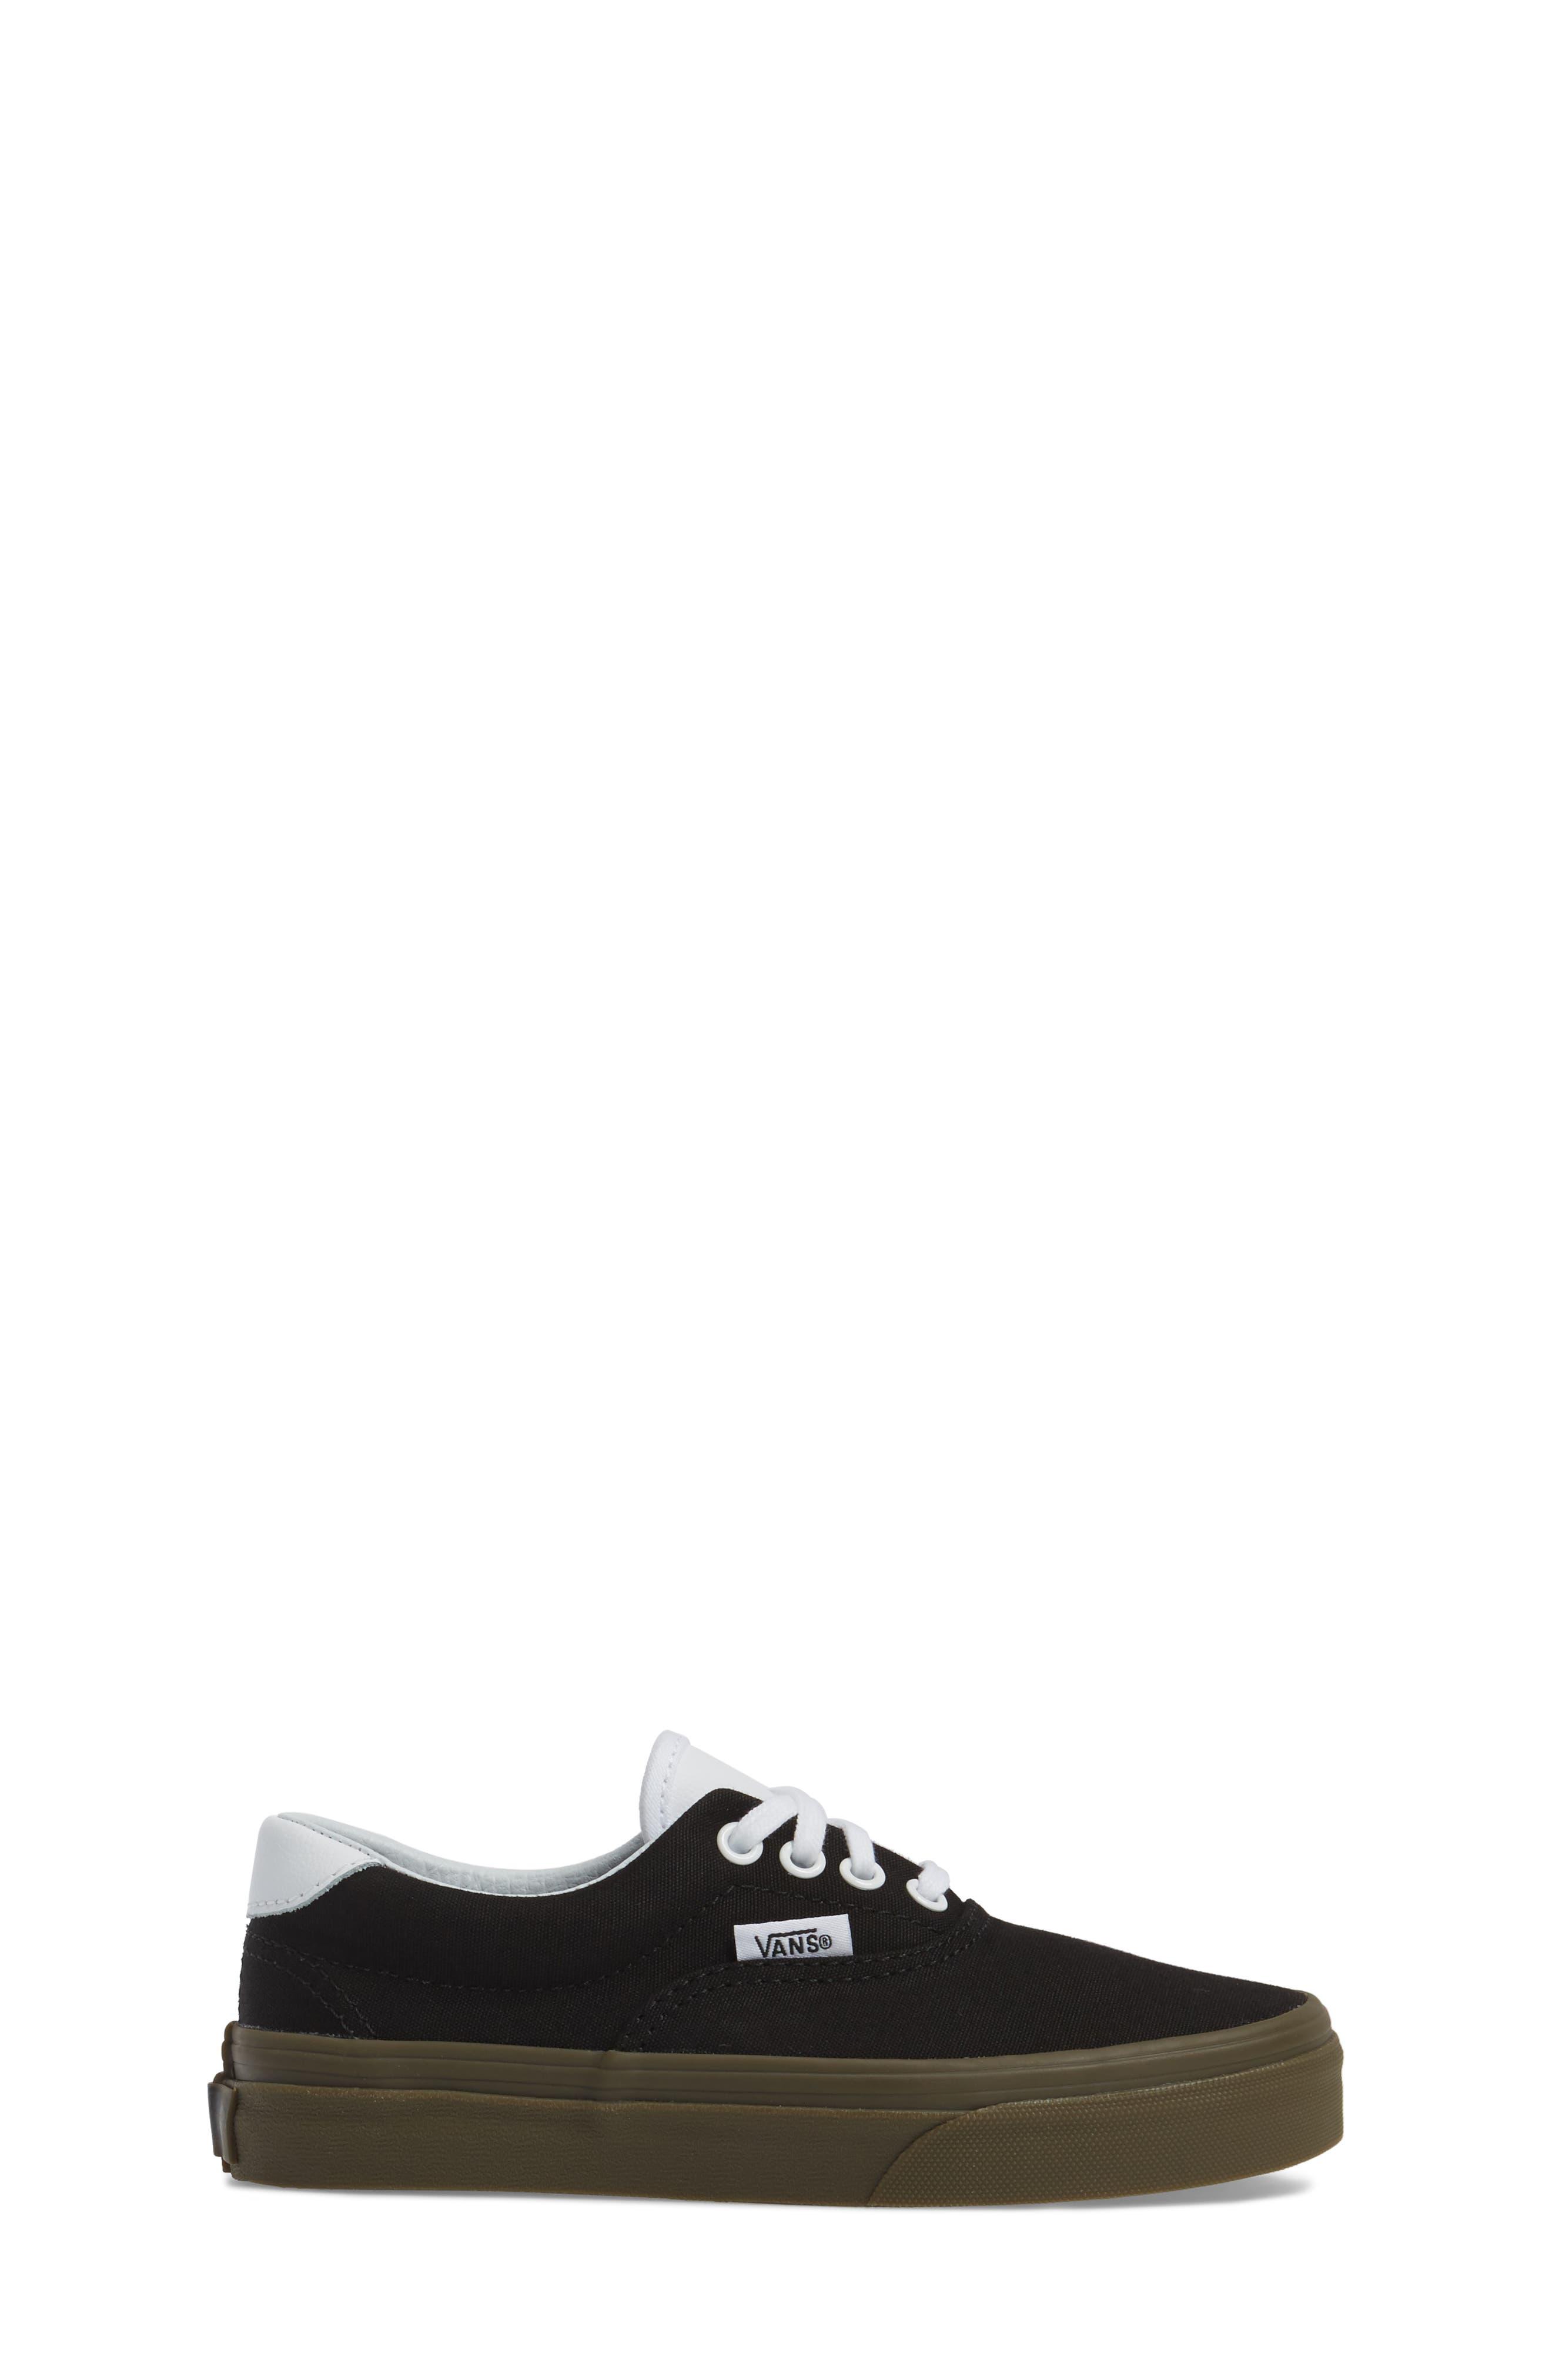 Alternate Image 3  - Vans Era 59 Bleacher Sneaker (Toddler, Little Kid & Big Kid)